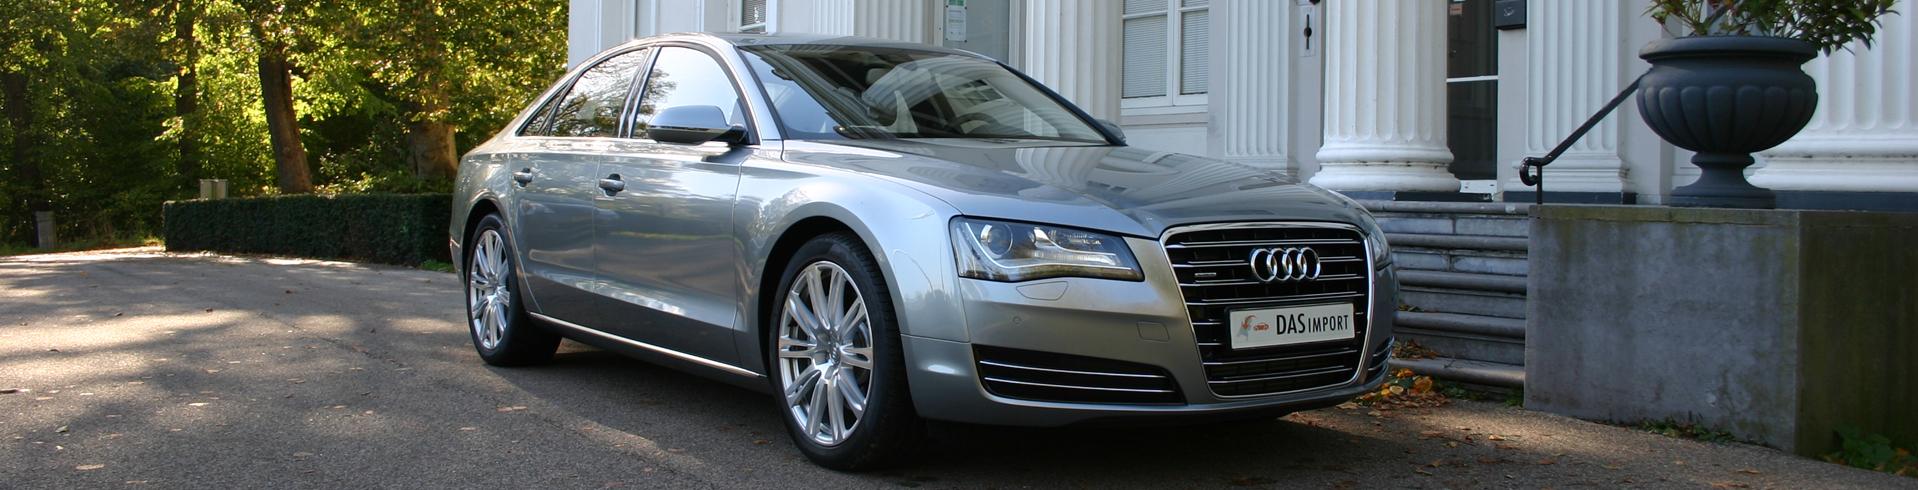 Audi-A8-uit-Duitsland